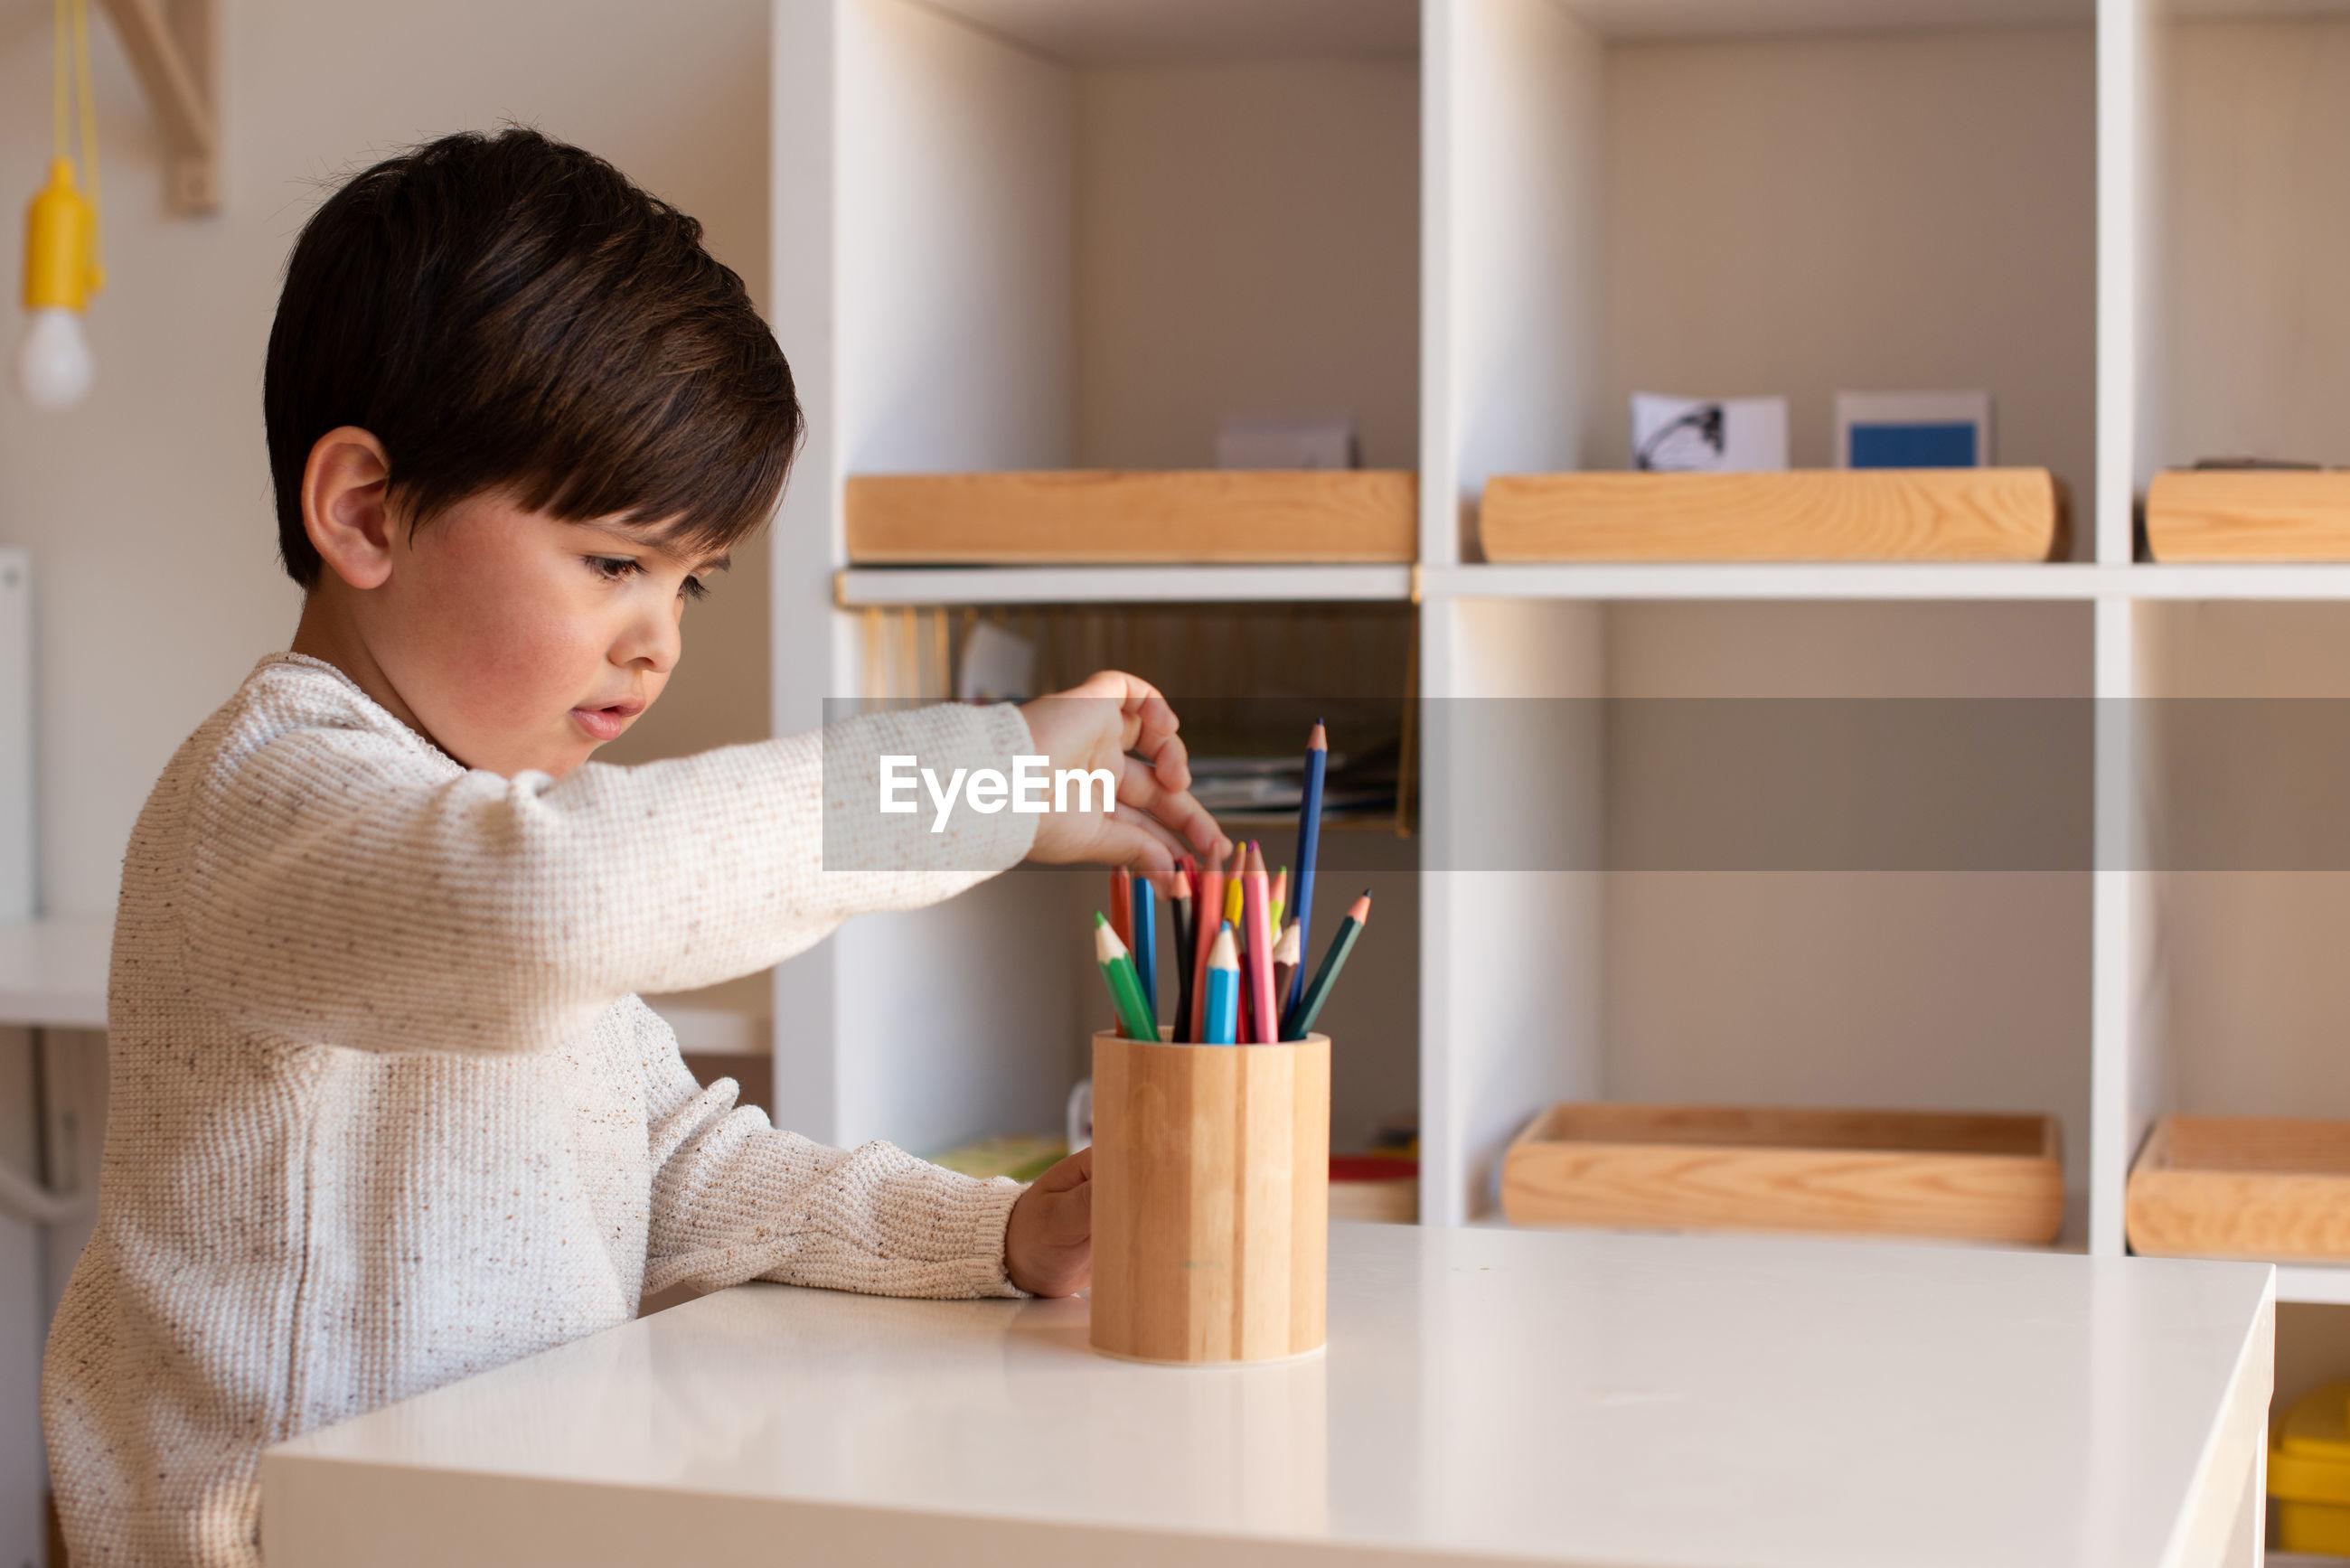 FULL LENGTH OF BOY HOLDING TABLE